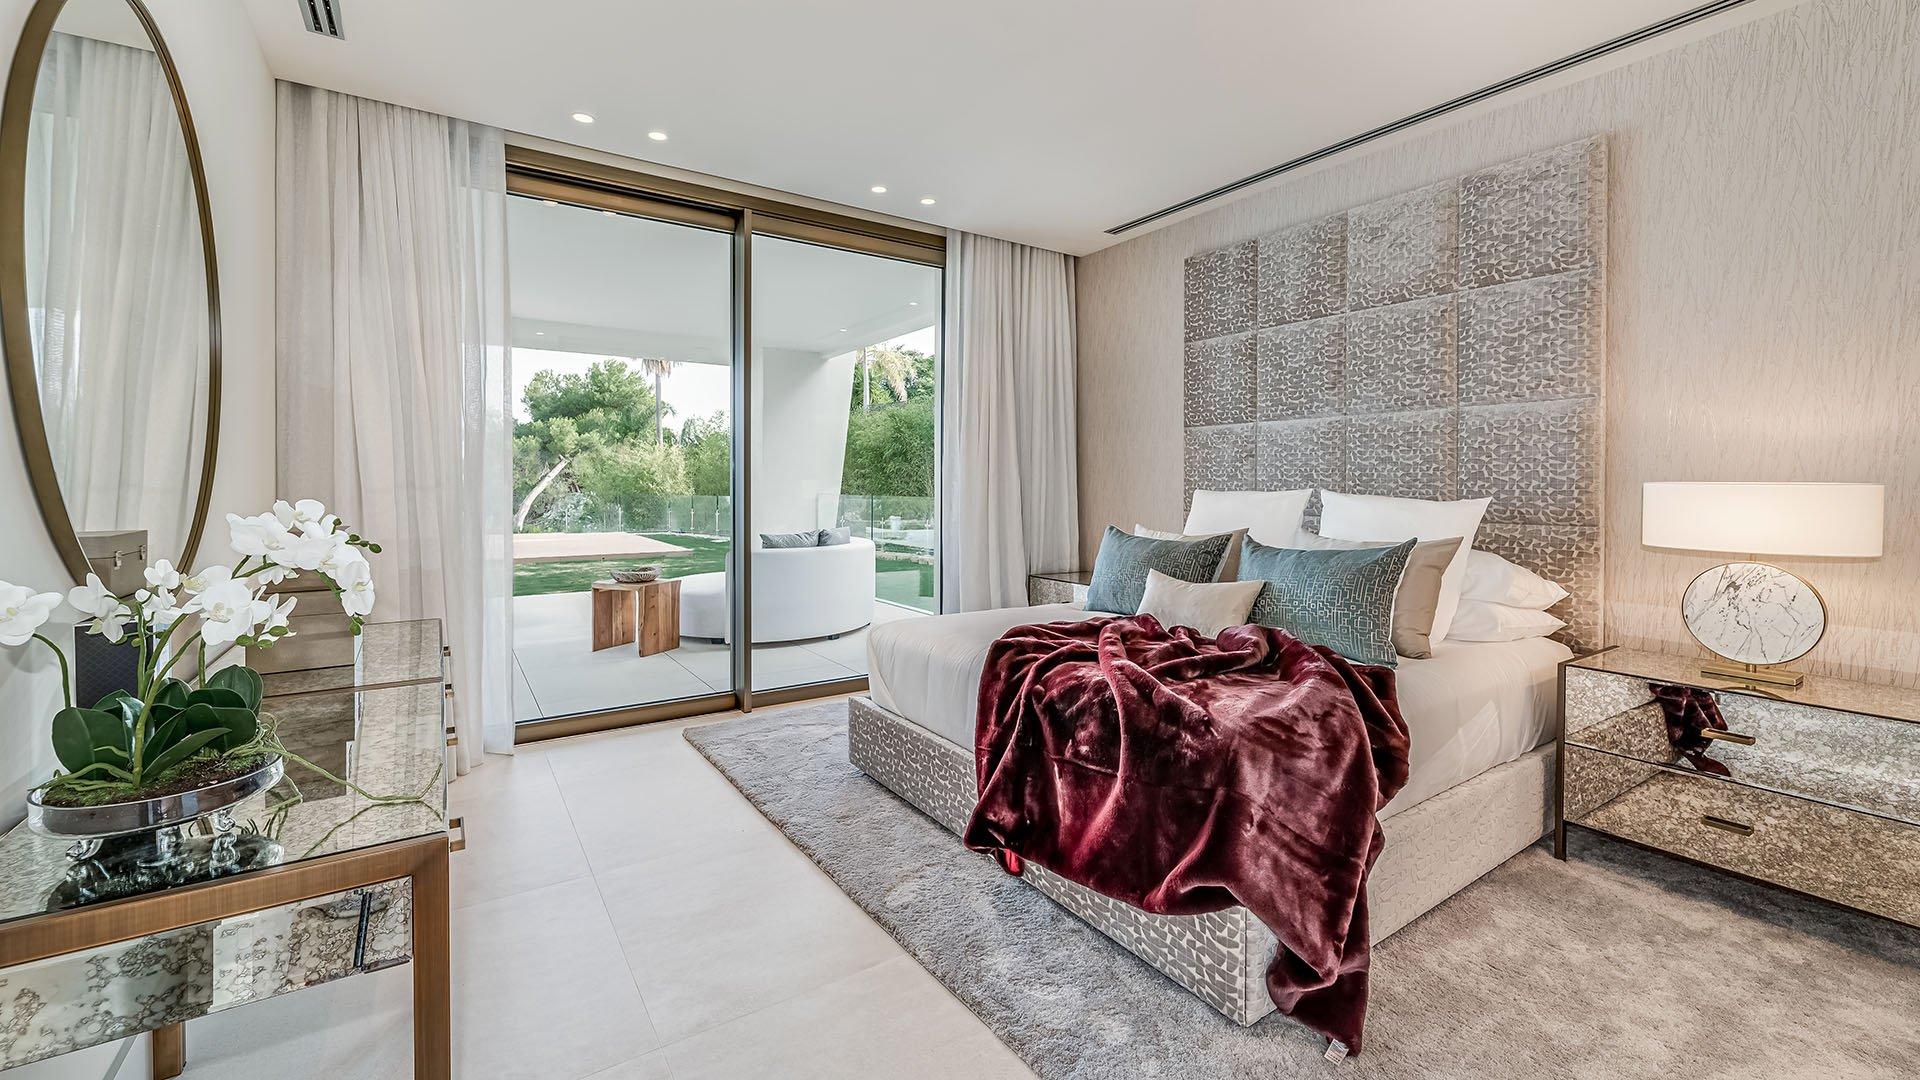 Villa Los Ángeles: Fabulous luxury villa in Sierra Blanca, Marbella